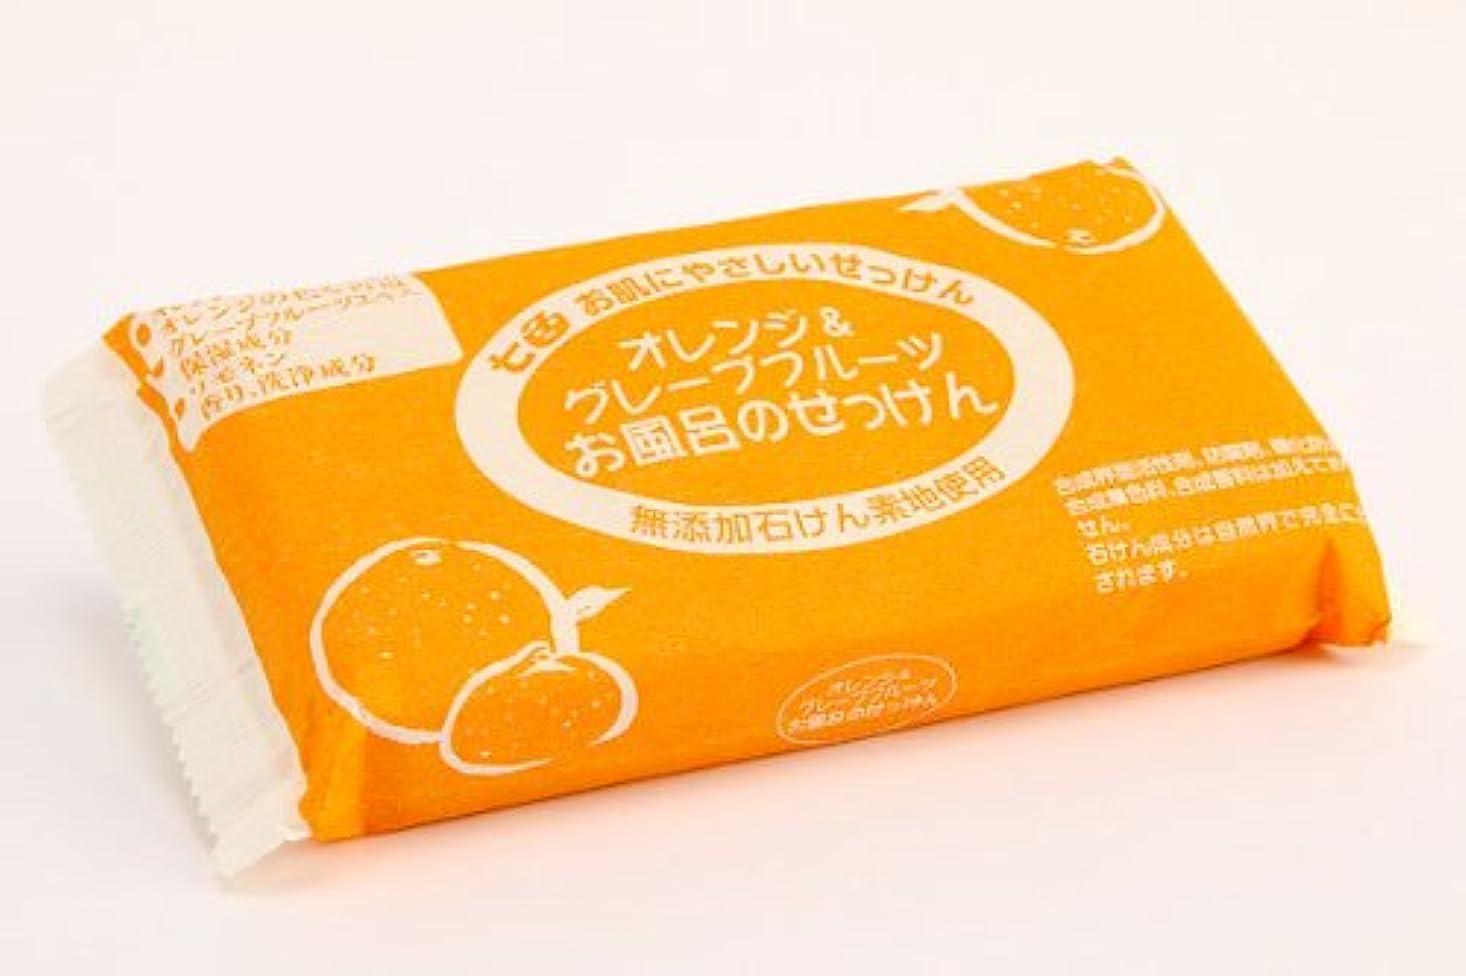 開始ラリーラフトまるは油脂化学 七色石けん オレンジ&グレープフルーツお風呂の石けん3P 100g×3個パック